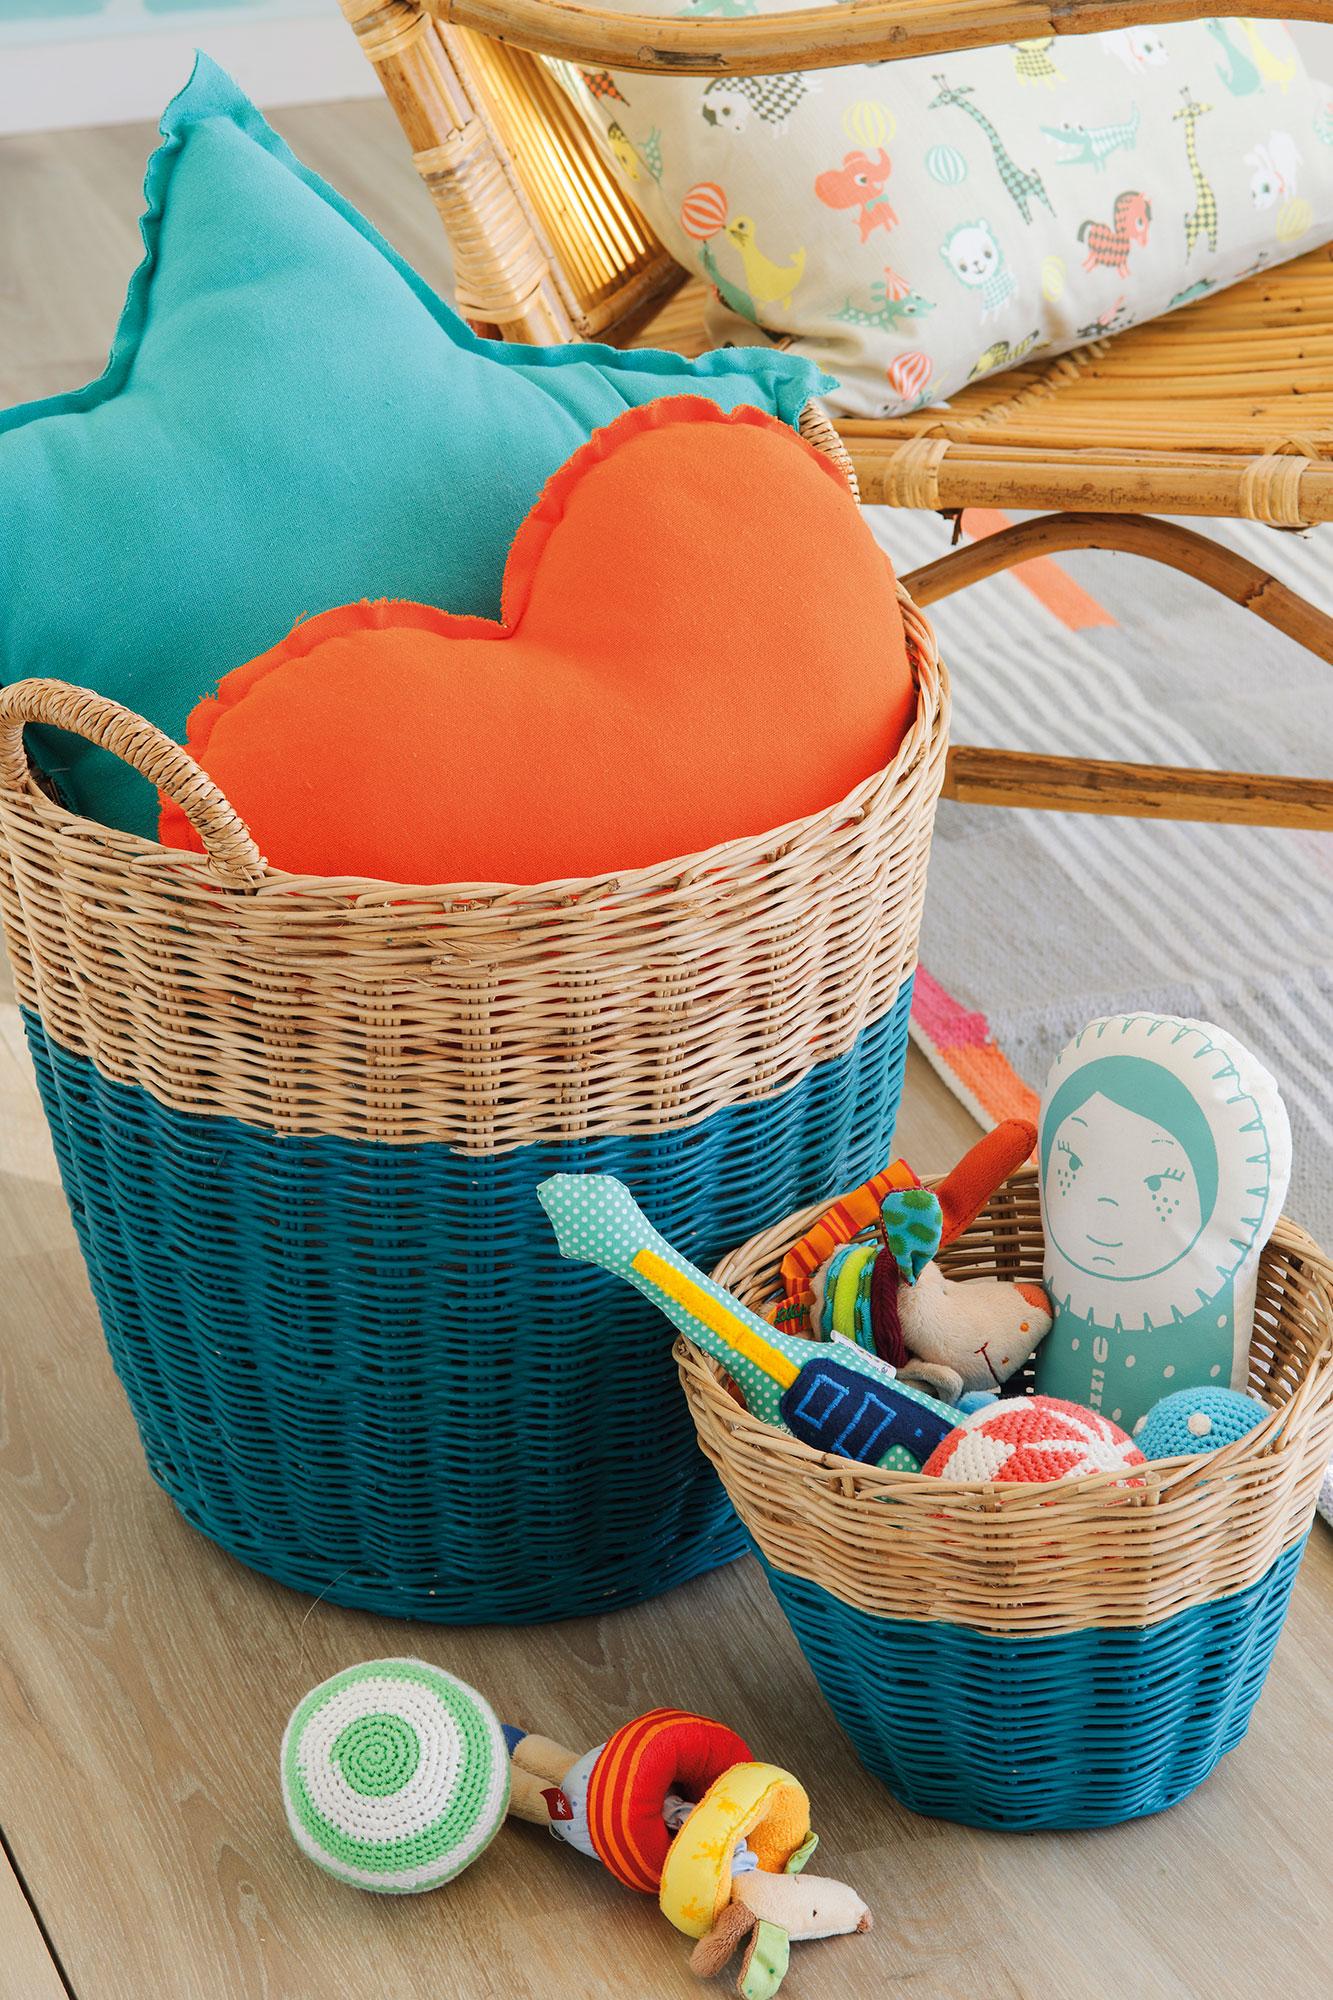 Coussins colorés dans un panier en osier peint